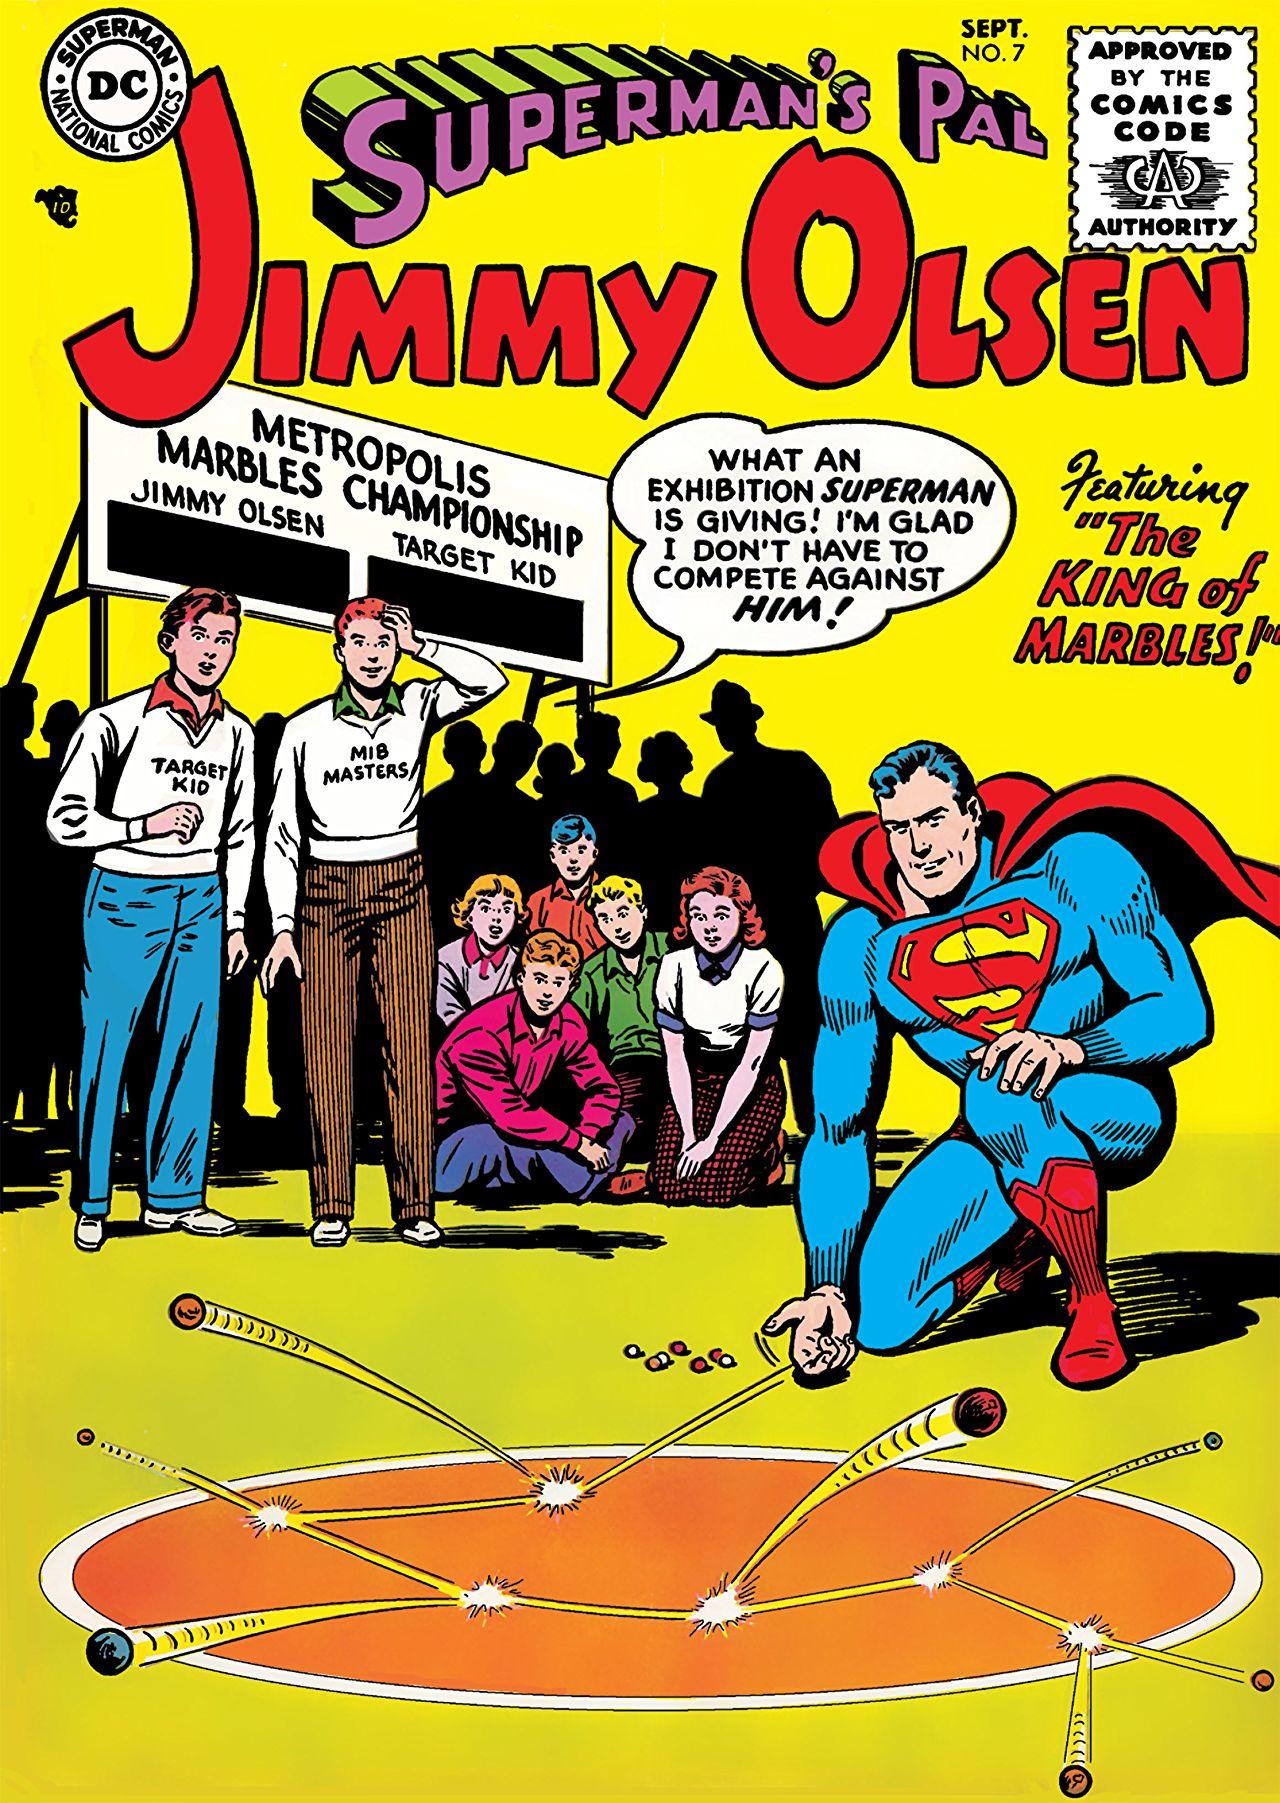 Jimmy Olsen - King of Marbles.jpg